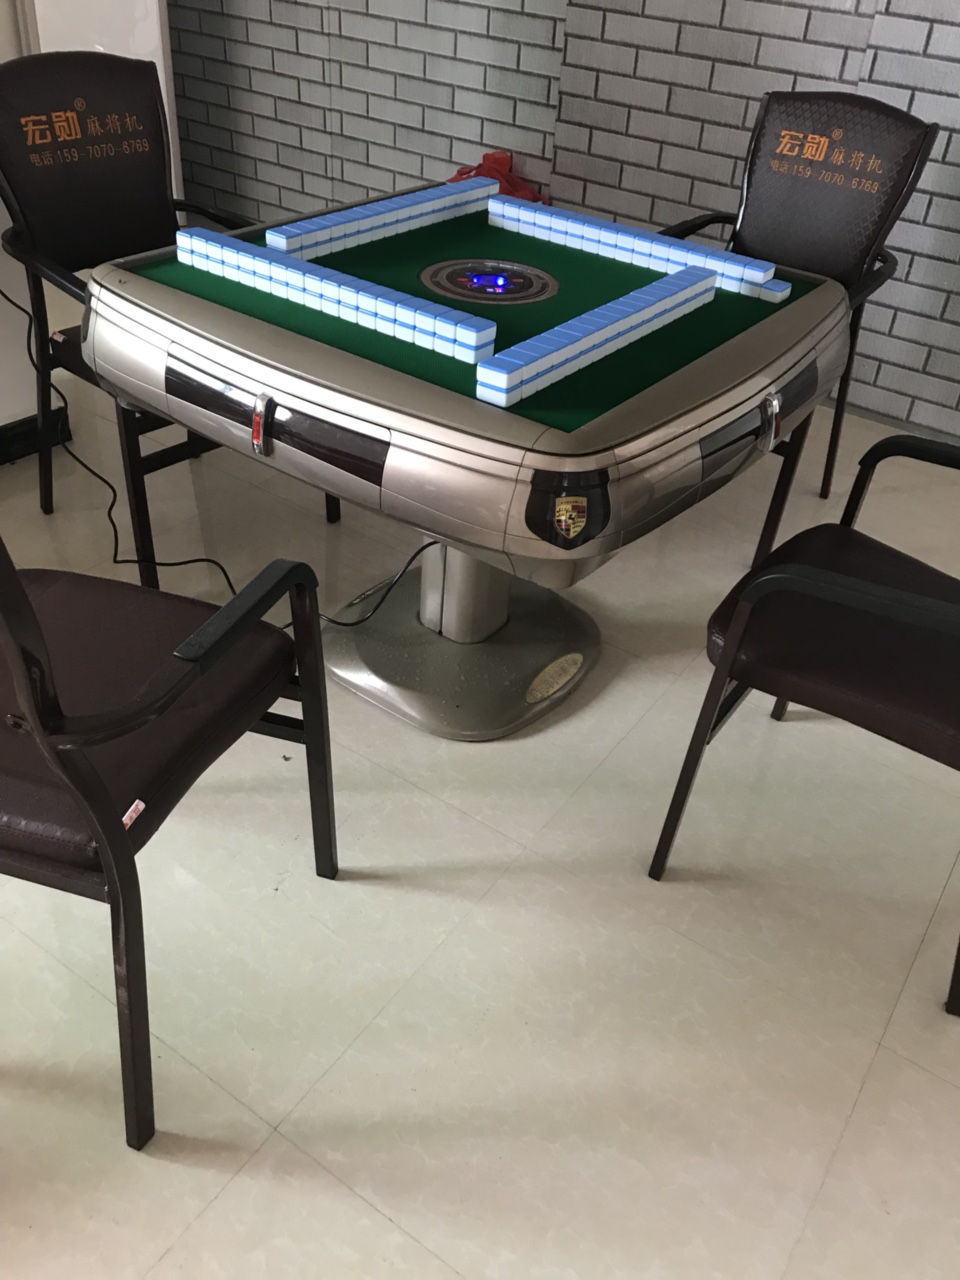 二手麻将机 一线品牌 大麻将  低价出售 长期高价回收二手麻将机   15970706769李师傅